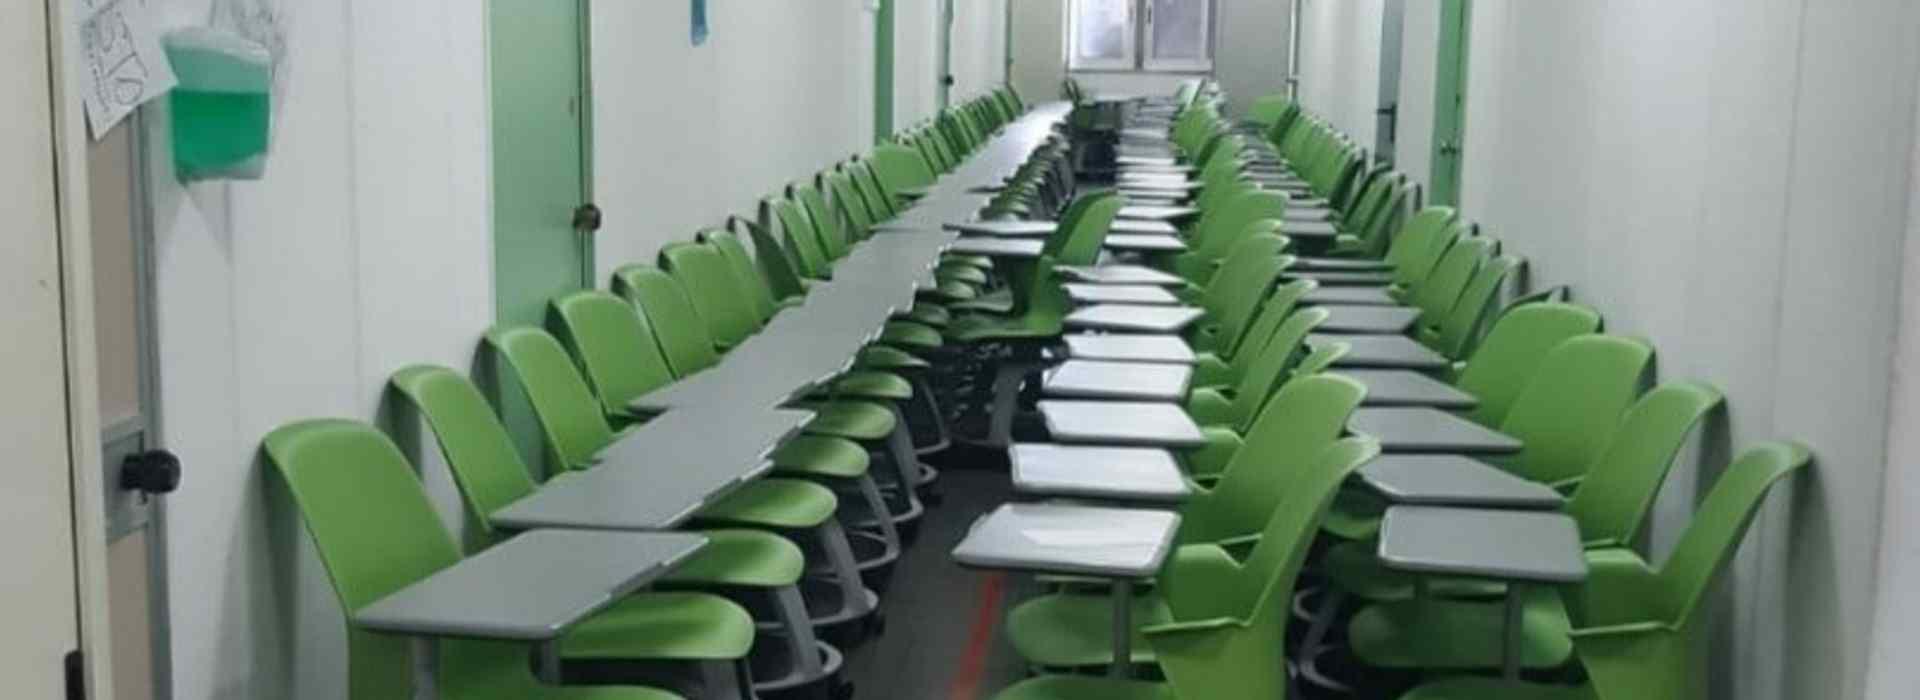 Banchi a rotelle, a Bari arrivano ma la scuola rimane chiusa